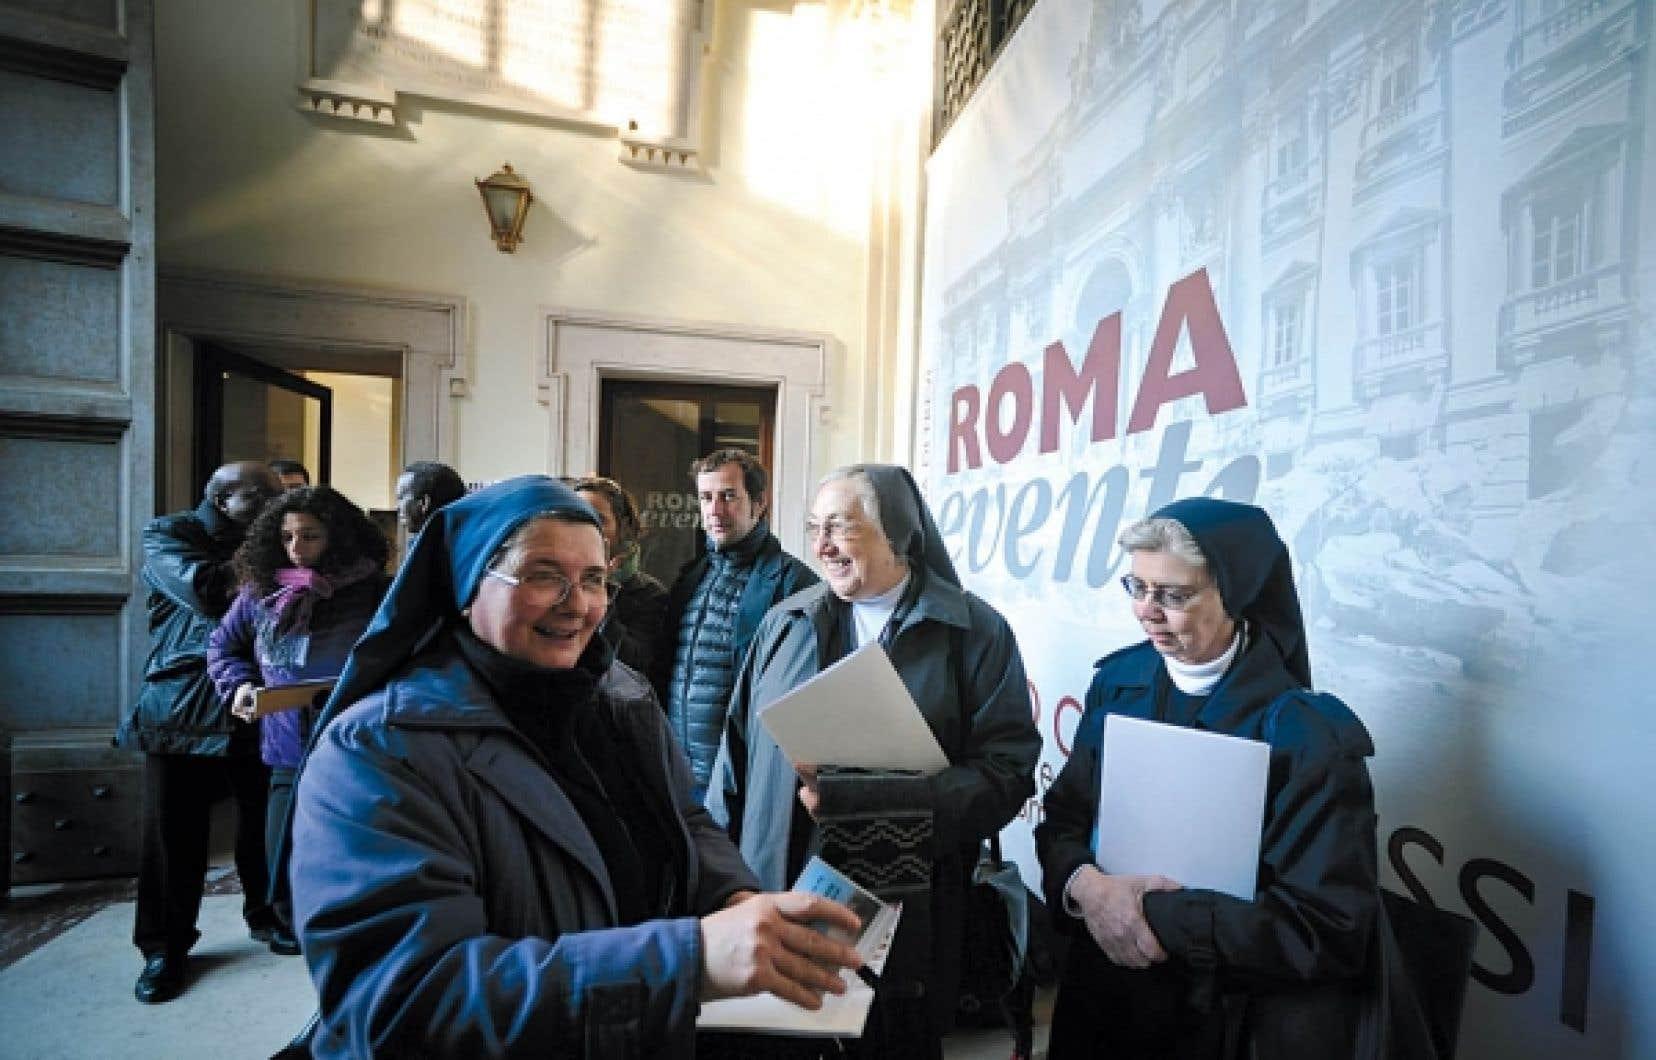 Les participants et participantes catholiques affluent au symposium intitul&eacute; &laquo;Vers la gu&eacute;rison et le renouvellement&raquo; dont le but avou&eacute; est d&rsquo;&eacute;viter de nouveaux scandales p&eacute;dophiles. <br />